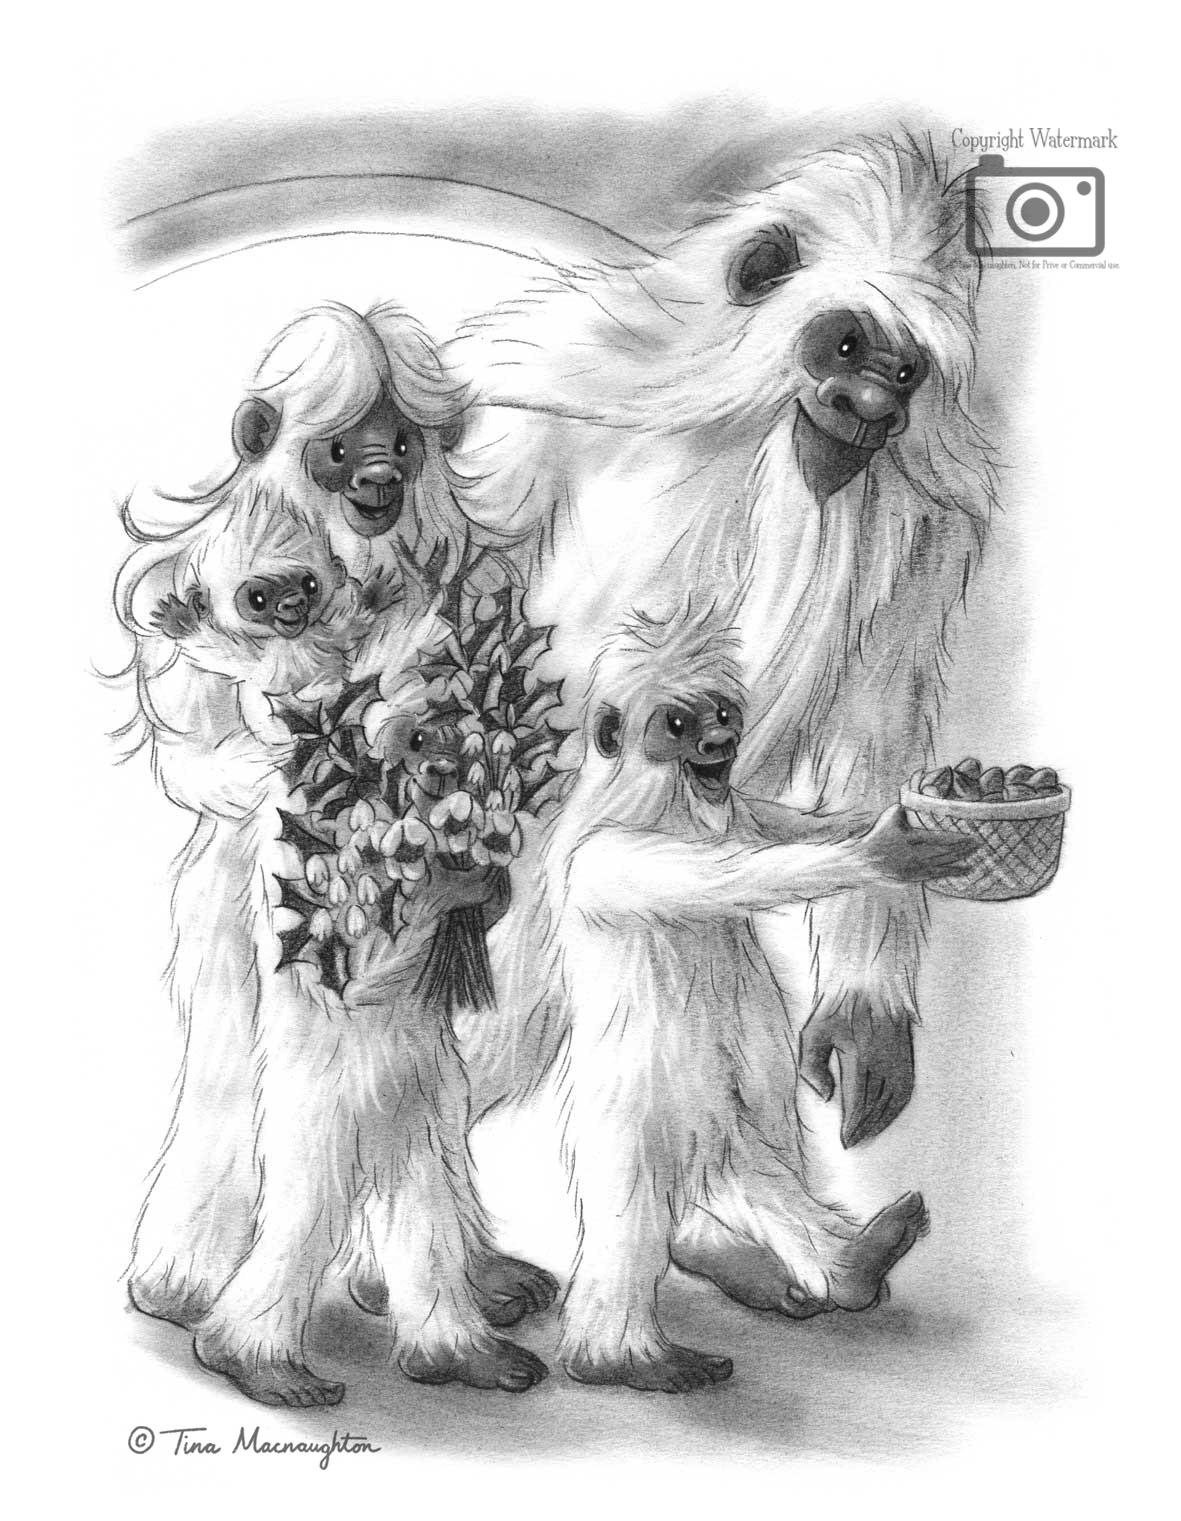 Snowball the Baby Bigfoot illustrated by Tina Macnaughton